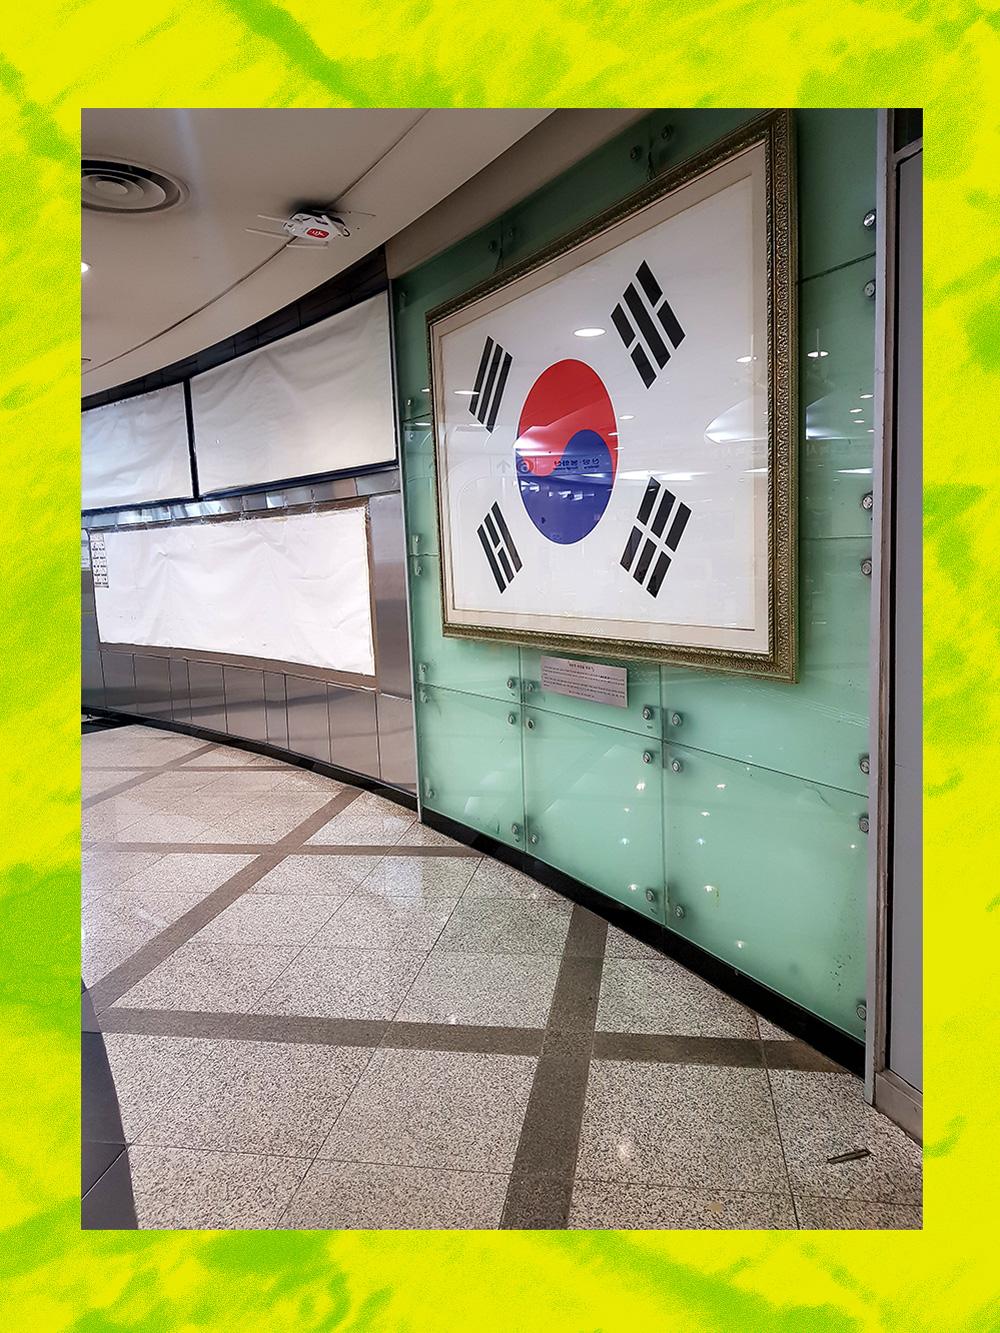 subway_art_noksapyeong2.jpg